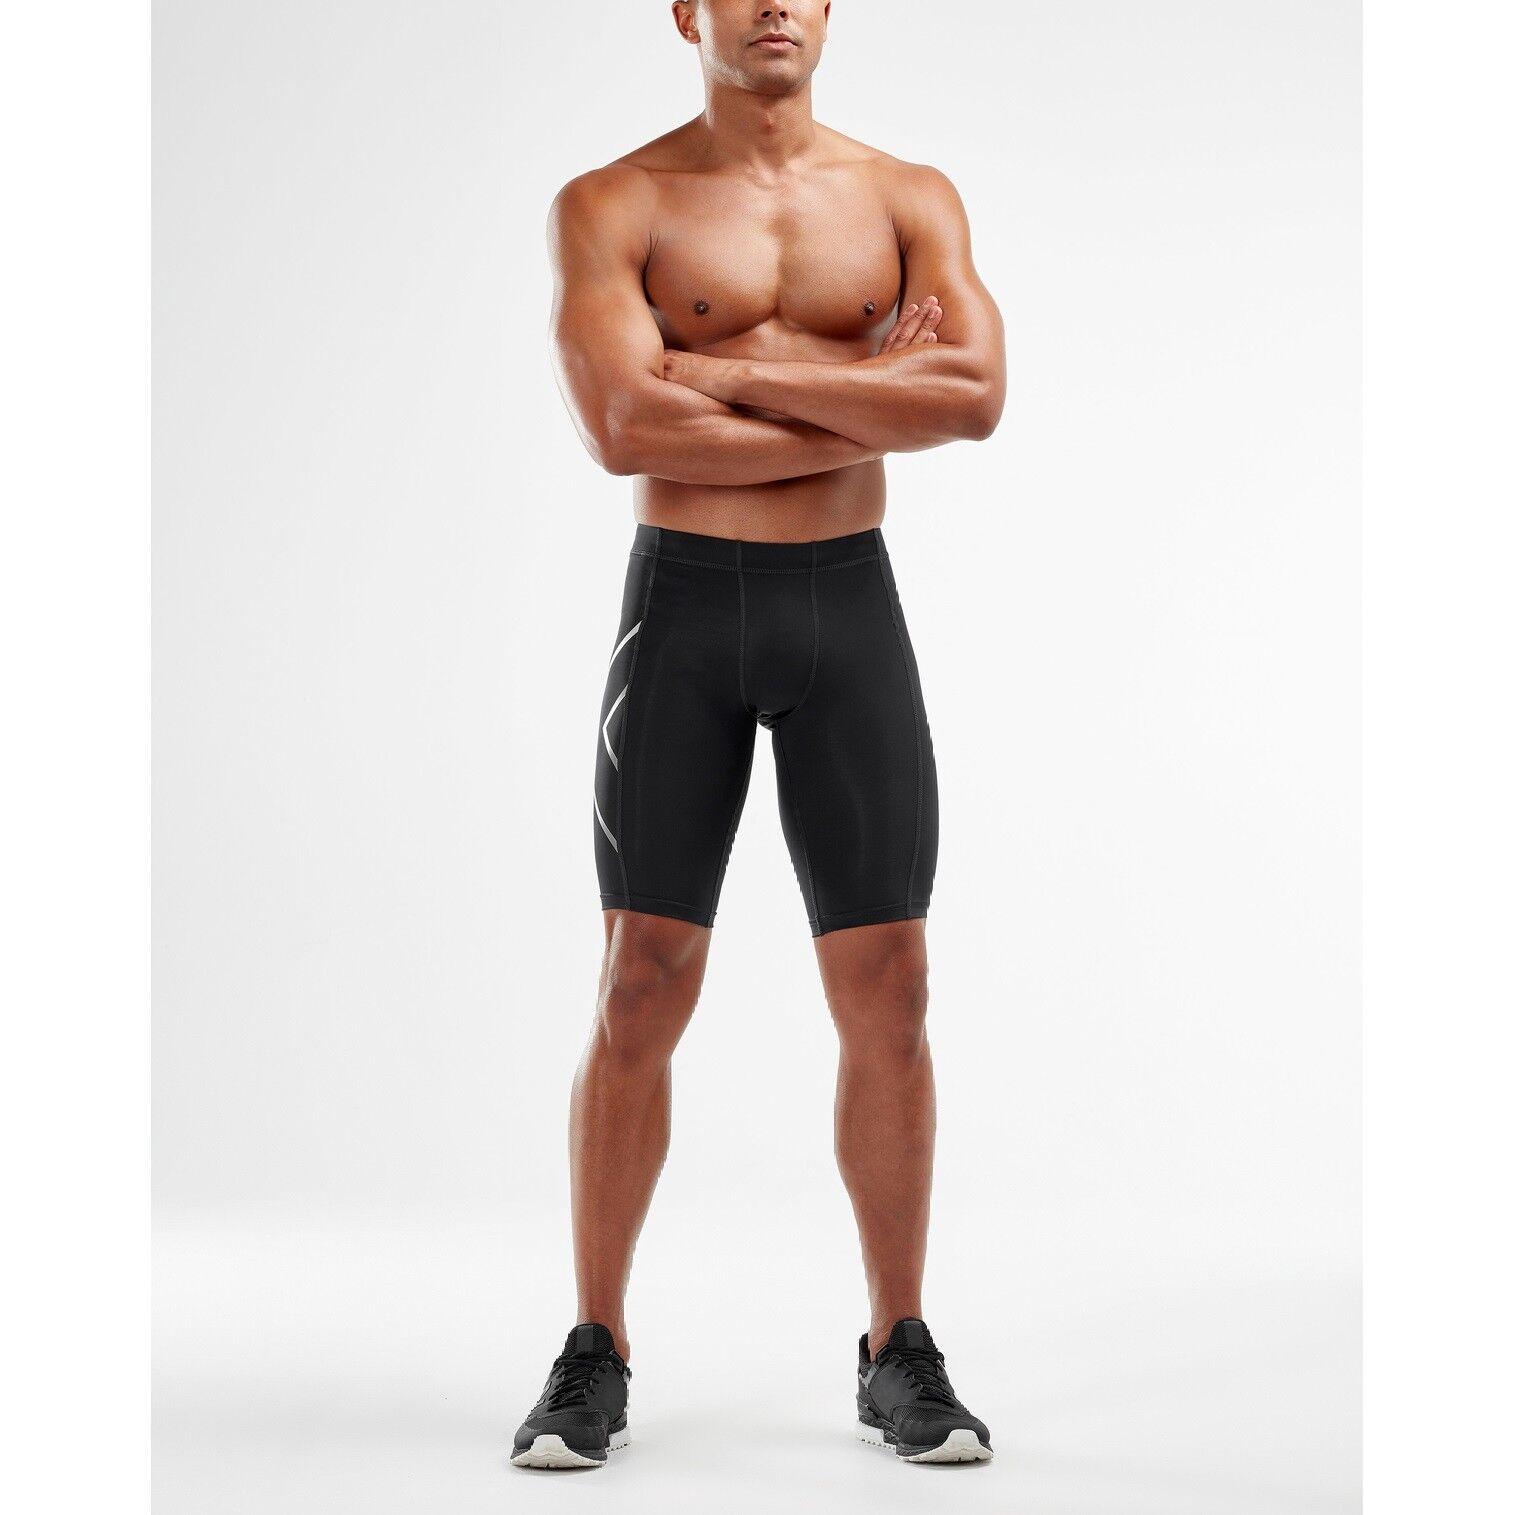 Pantalones cortos de  compresión para hombre Core de 2XU - 2019  tienda de bajo costo